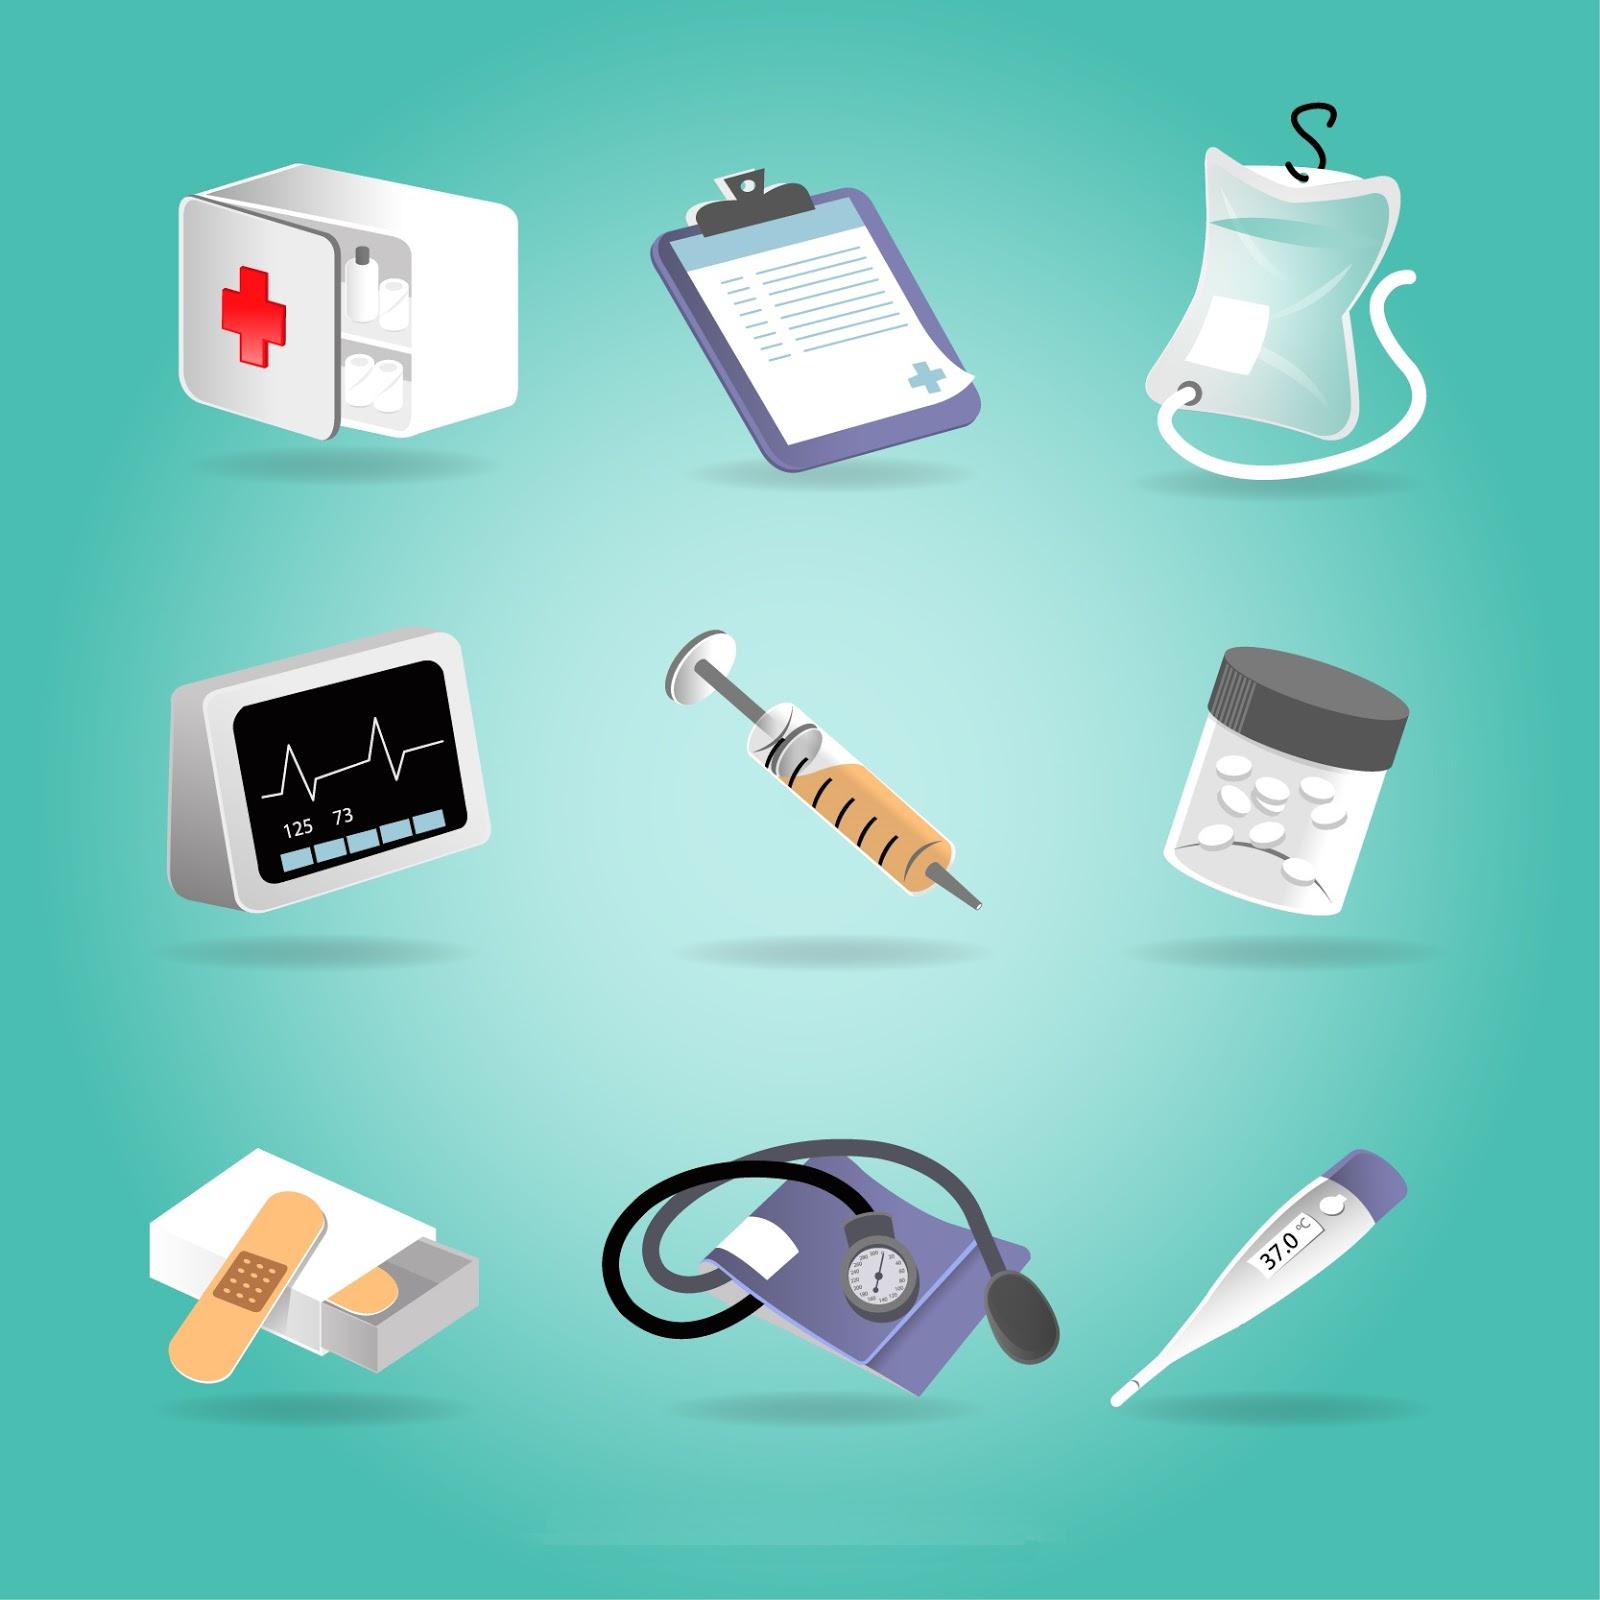 Peluang Bisnis Menjadi Distributor Alat Kesehatan Yang Menjanjikan